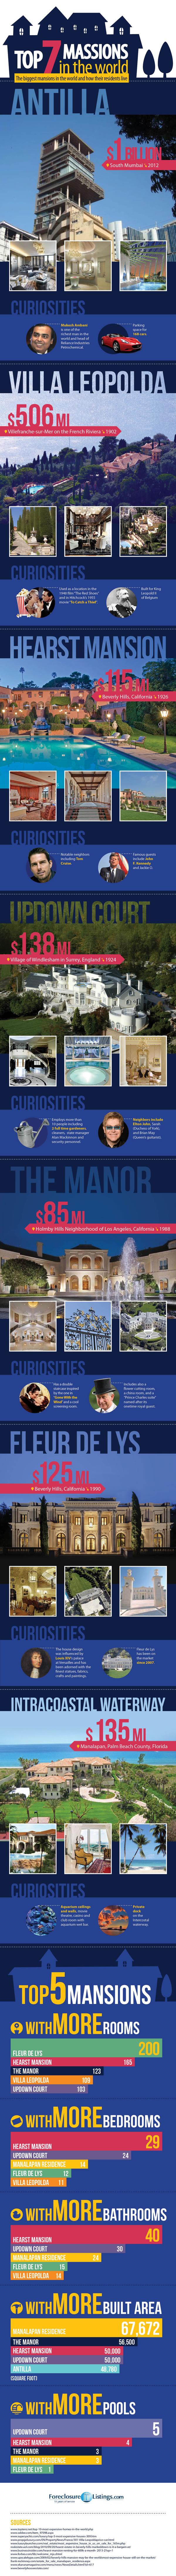 7 biggest mansions